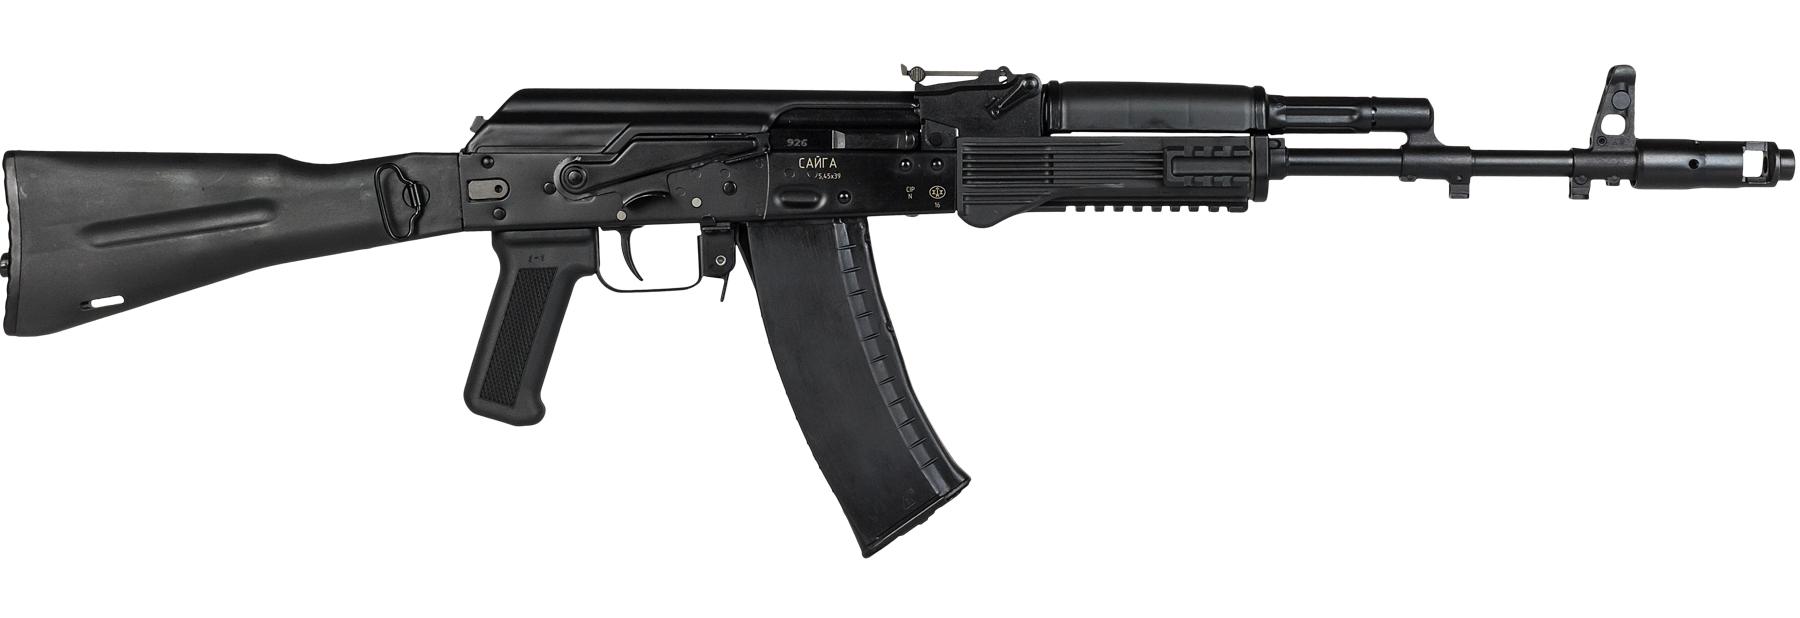 Izhmash Saiga MK 105 - 5.45 x 39 - halbautomatische Büchse rechts